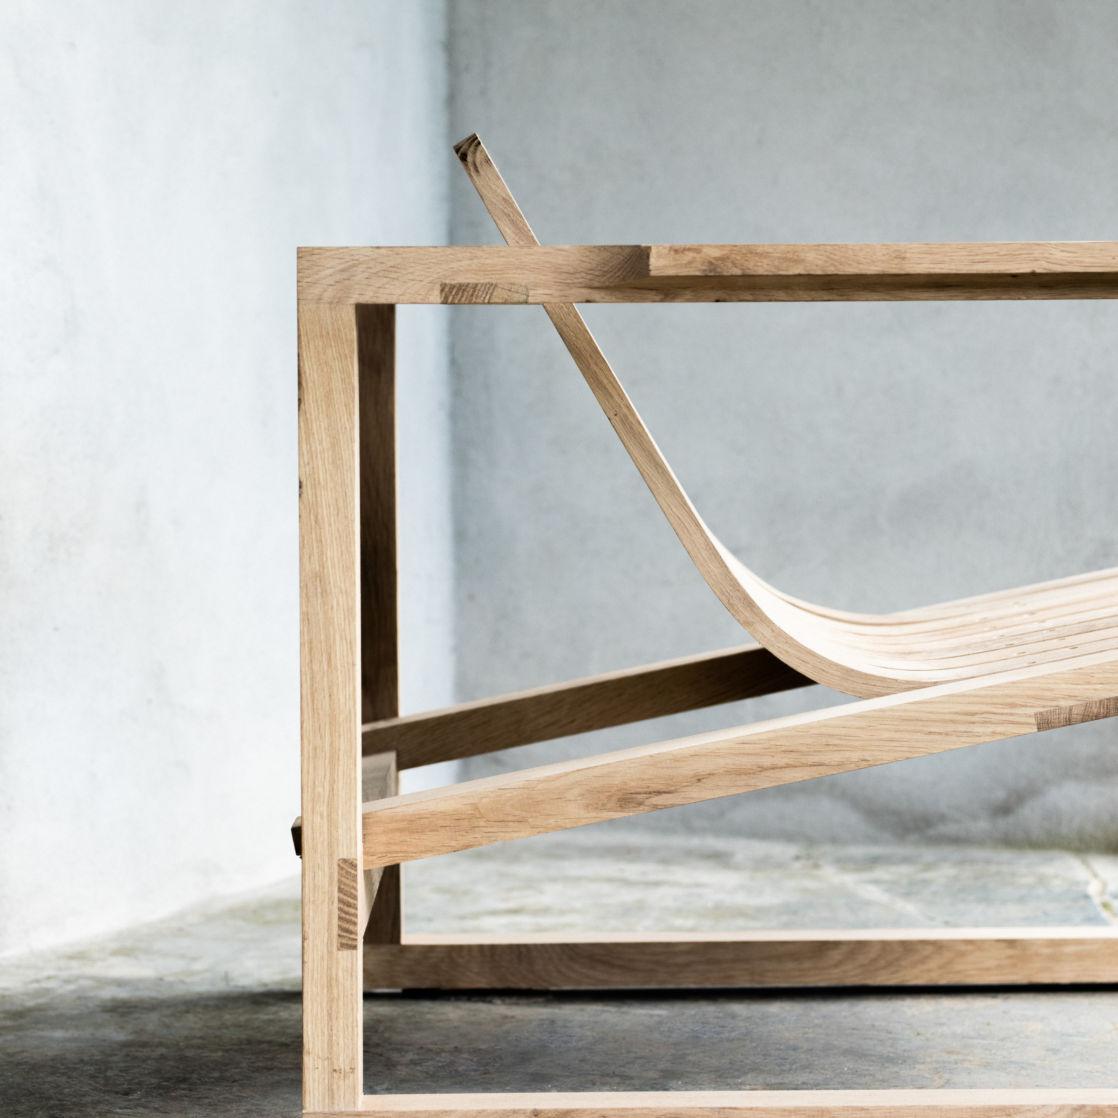 Huers Chair